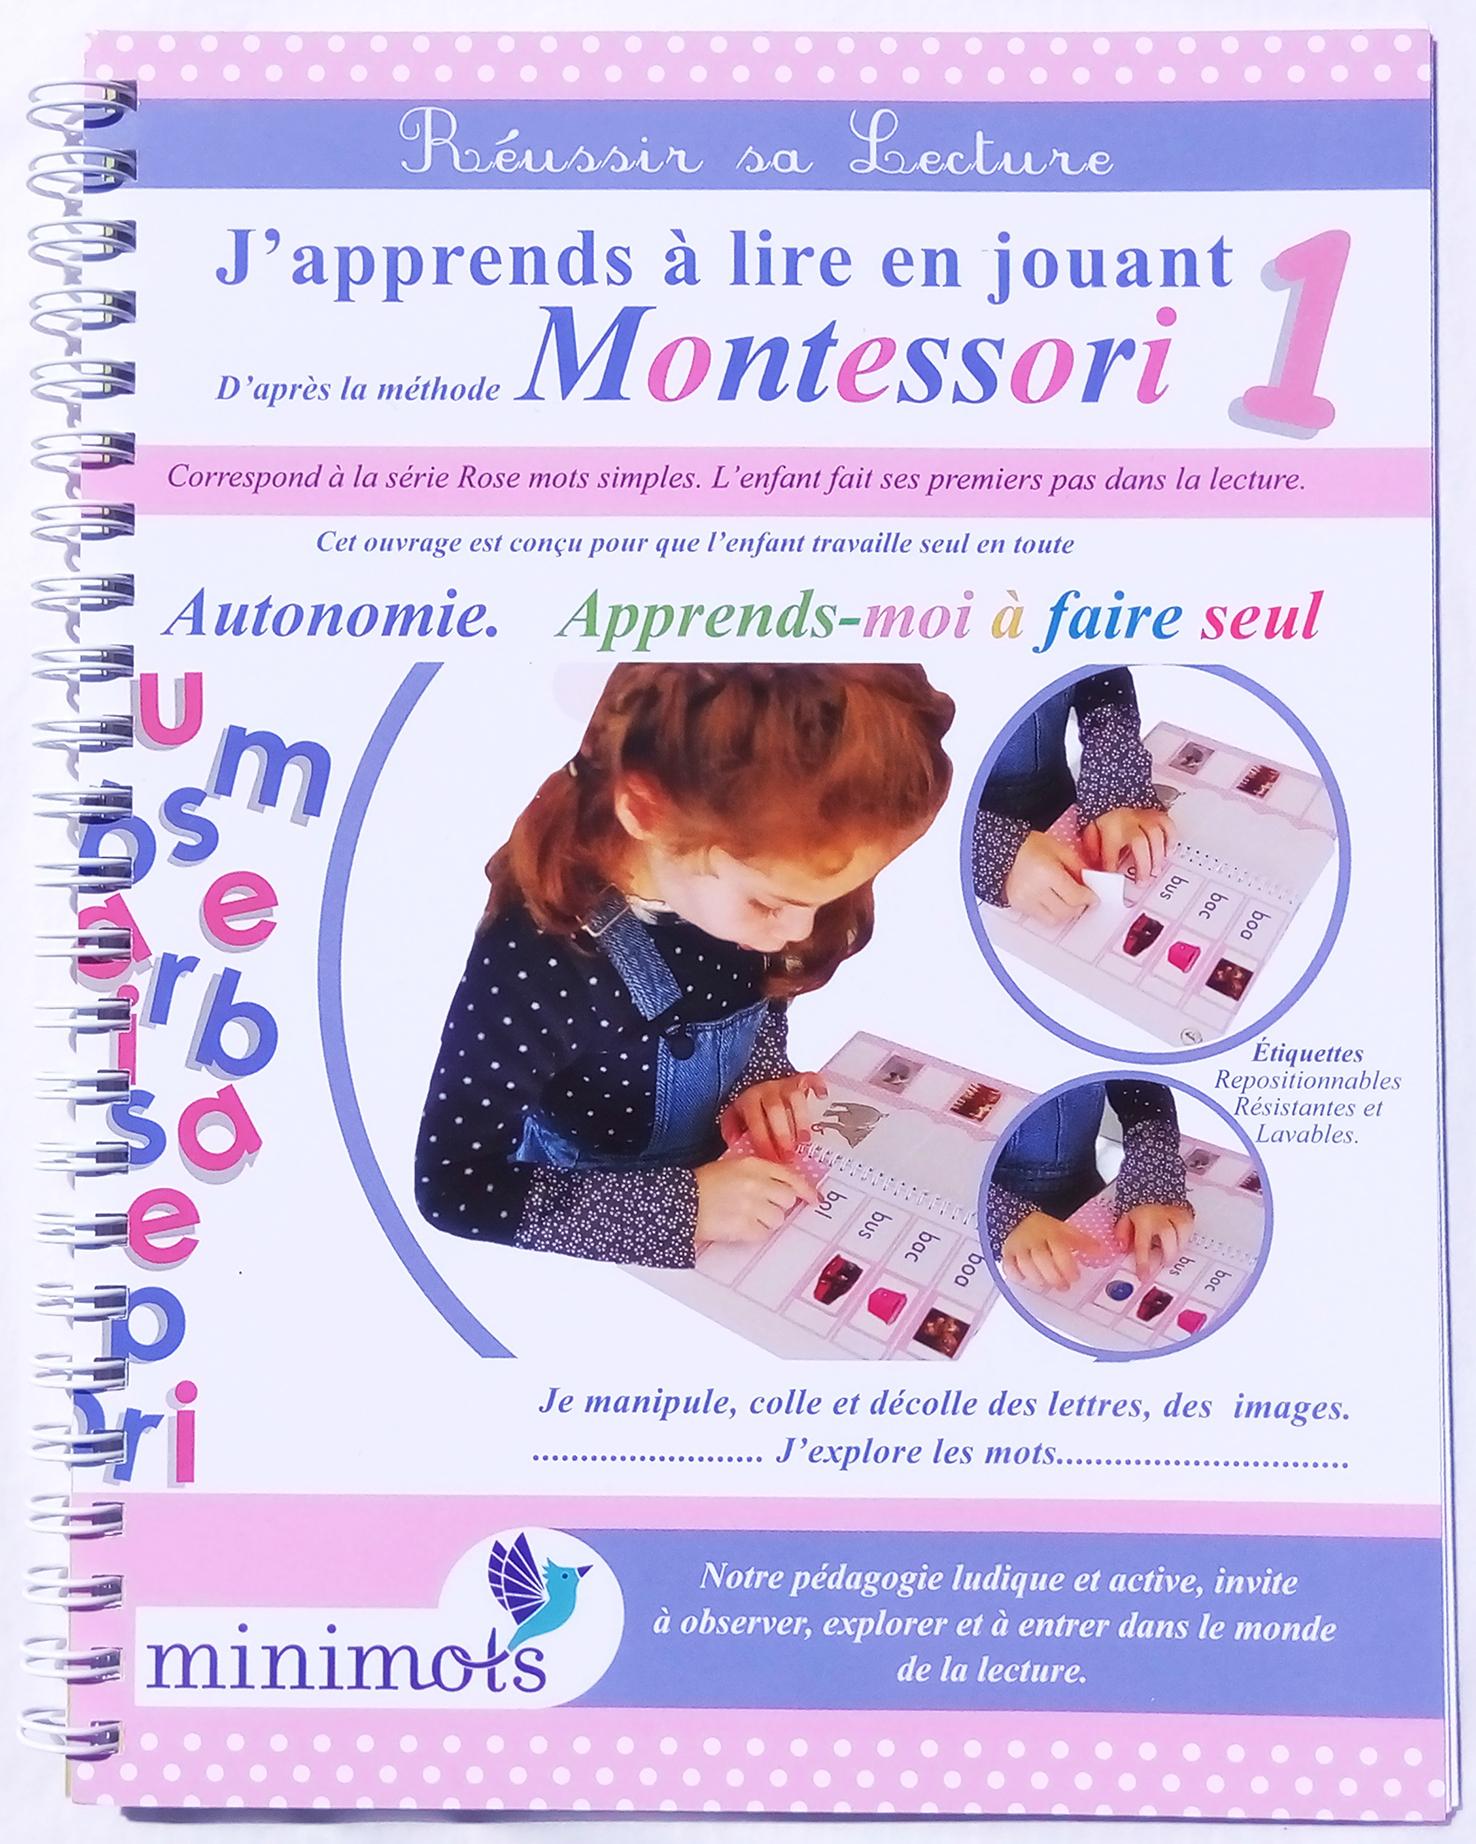 """J'apprends À Lire En Jouant"""" 1 - Minimots concernant Apprendre Les Lettres En Jouant"""